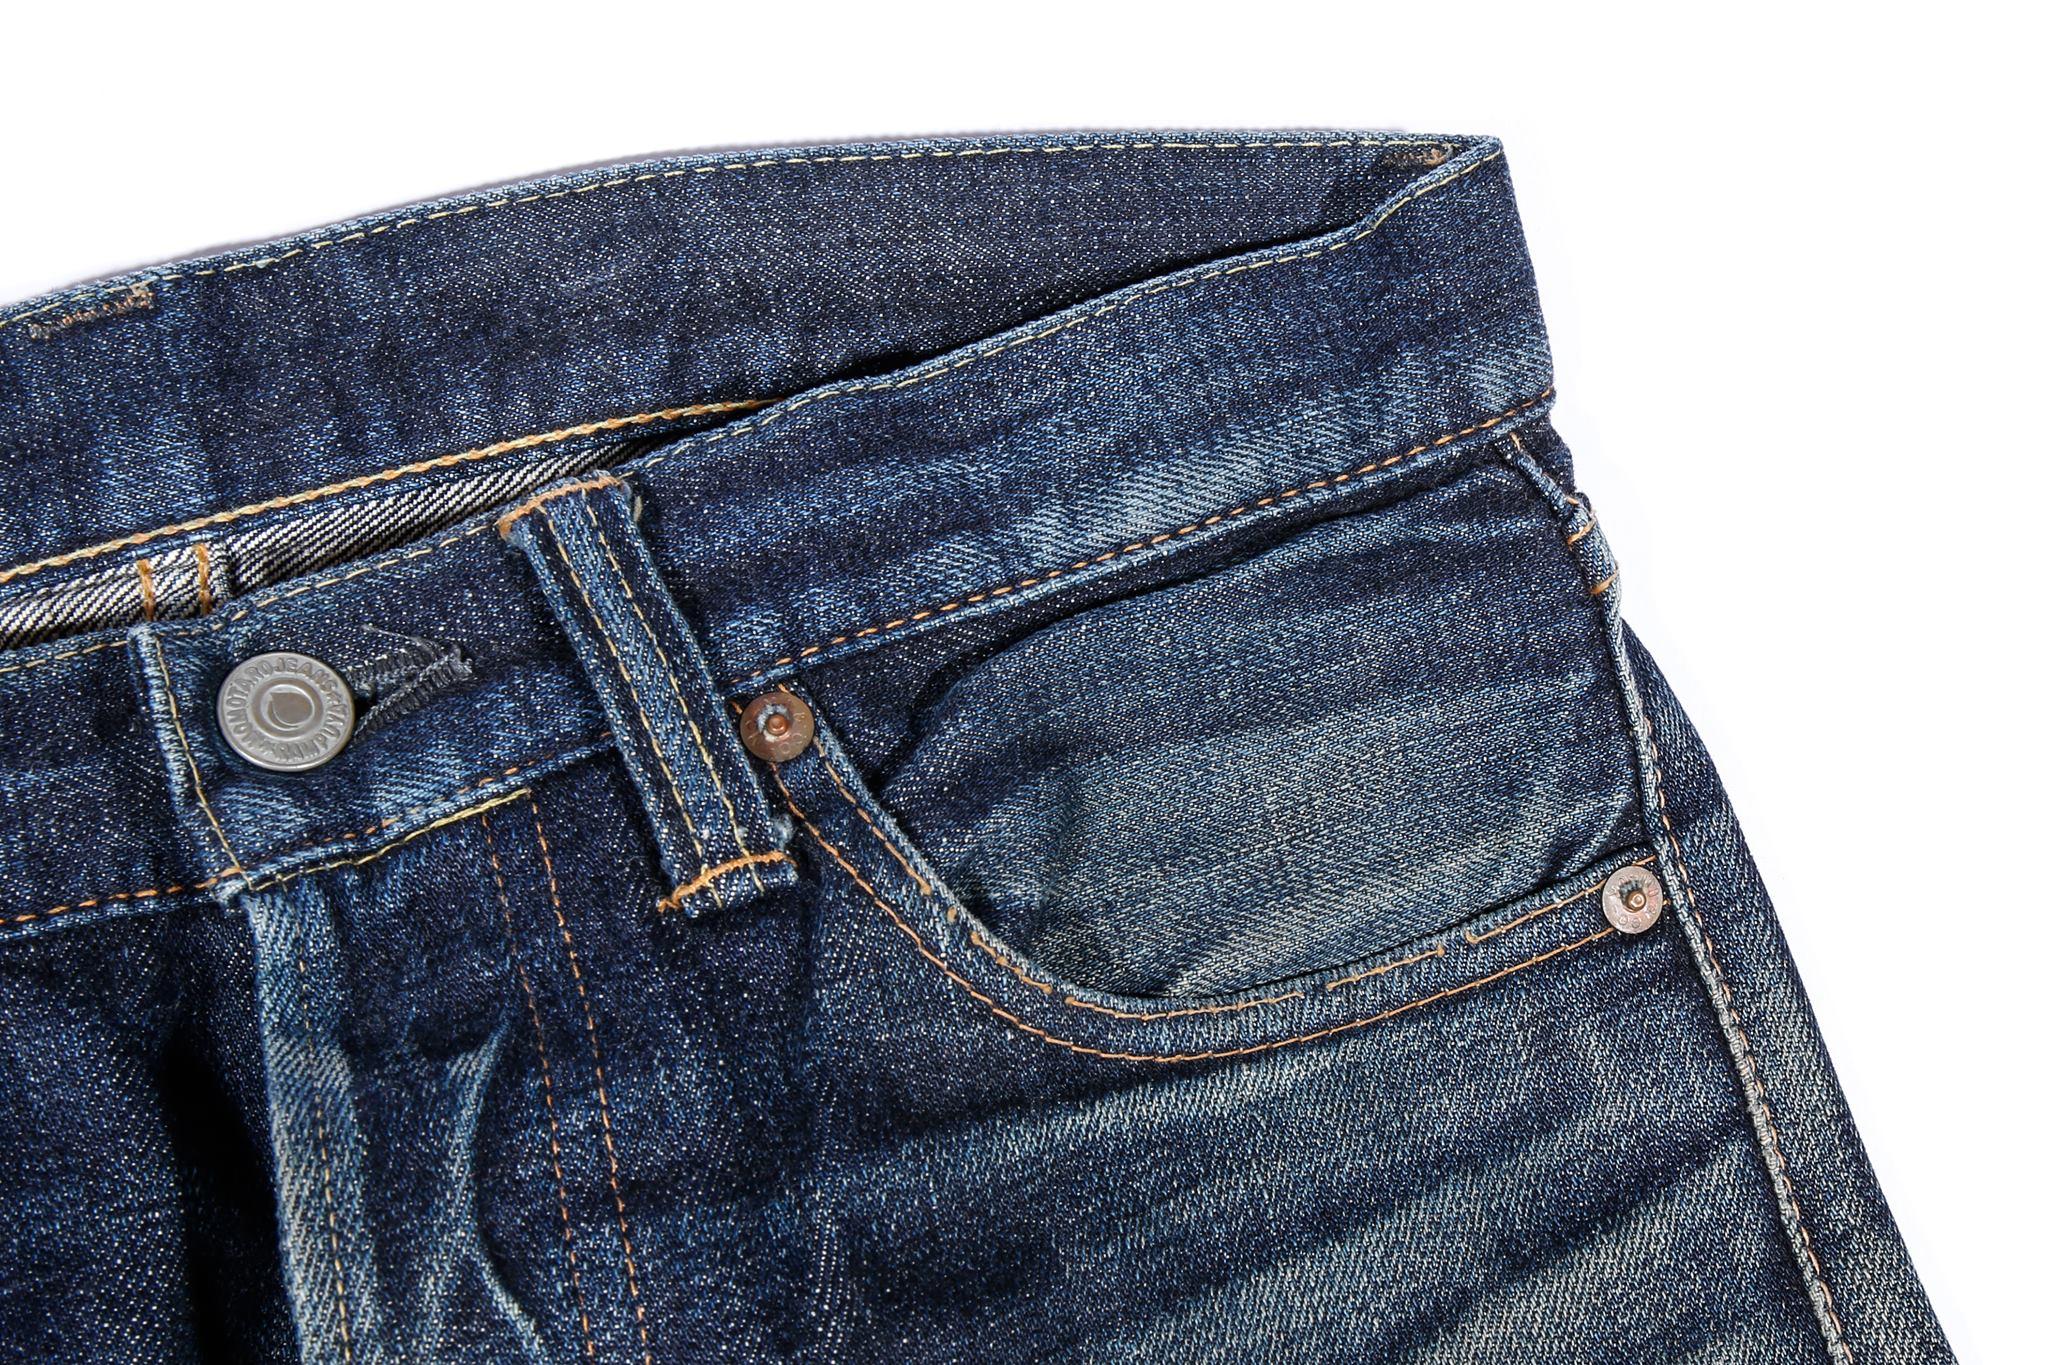 %e6%97%a5%e7%89%9b%e9%a4%8a%e6%88%90%e5%a4%a7%e5%8b%9f%e9%9b%86_momotaro-jeans_0705sp_%e5%8a%89%e9%81%94%e7%be%a9_12